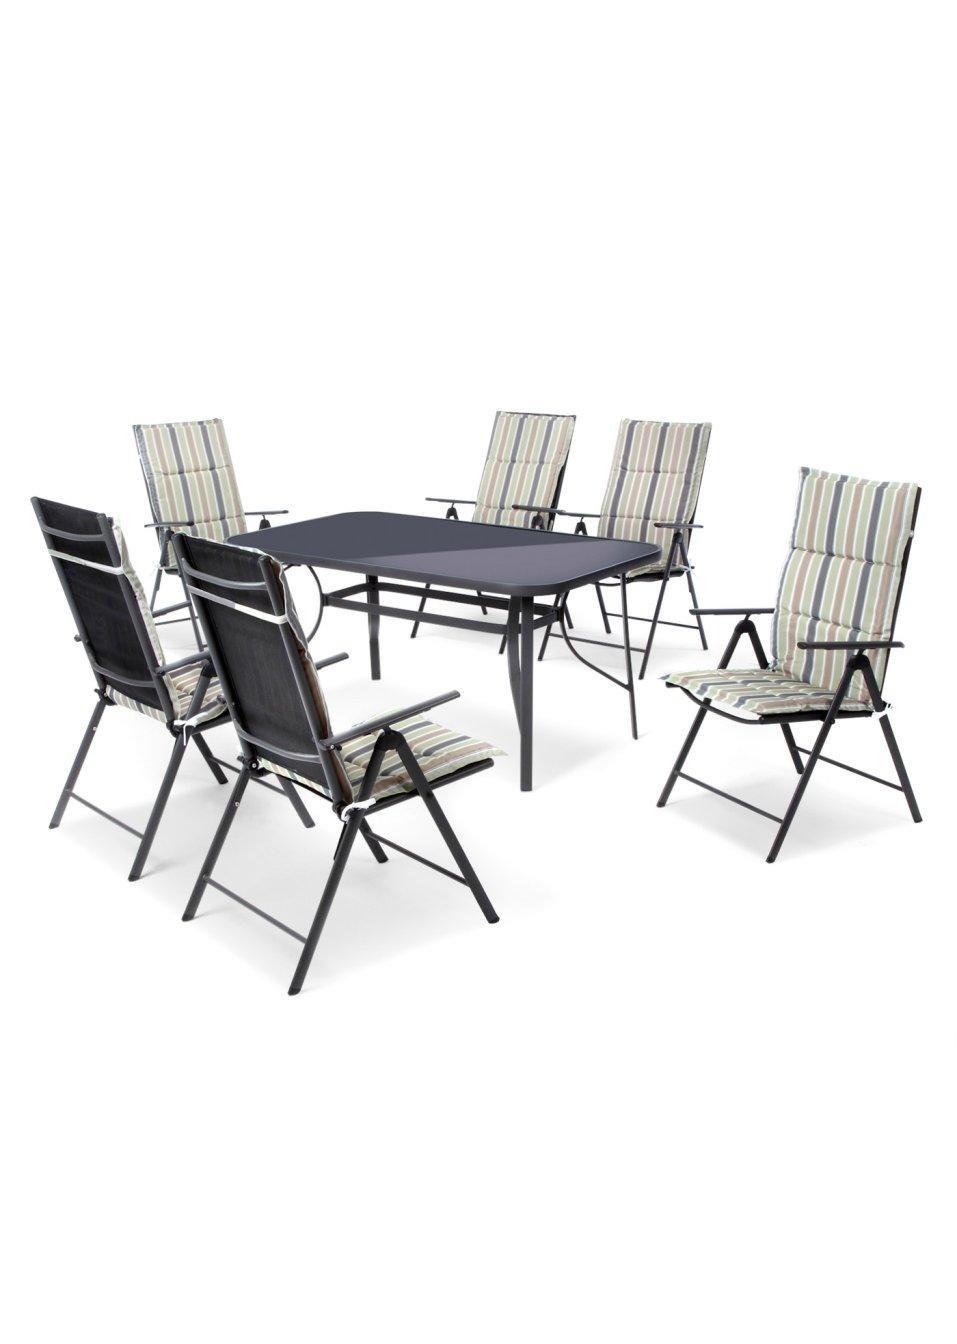 sch ne sitzgruppe mit tisch das 13 tlg gartenm bel set. Black Bedroom Furniture Sets. Home Design Ideas